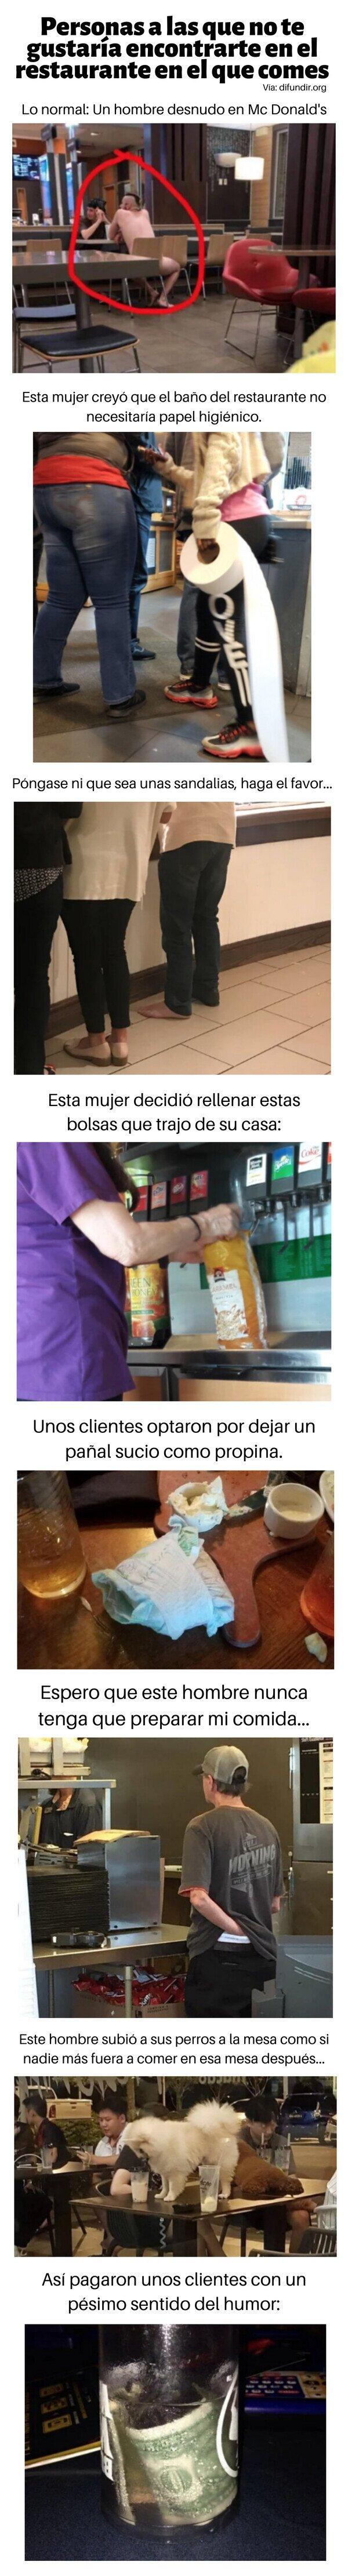 Meme_otros - Personas a las que no te gustaría encontrarte en el restaurante en el que comes